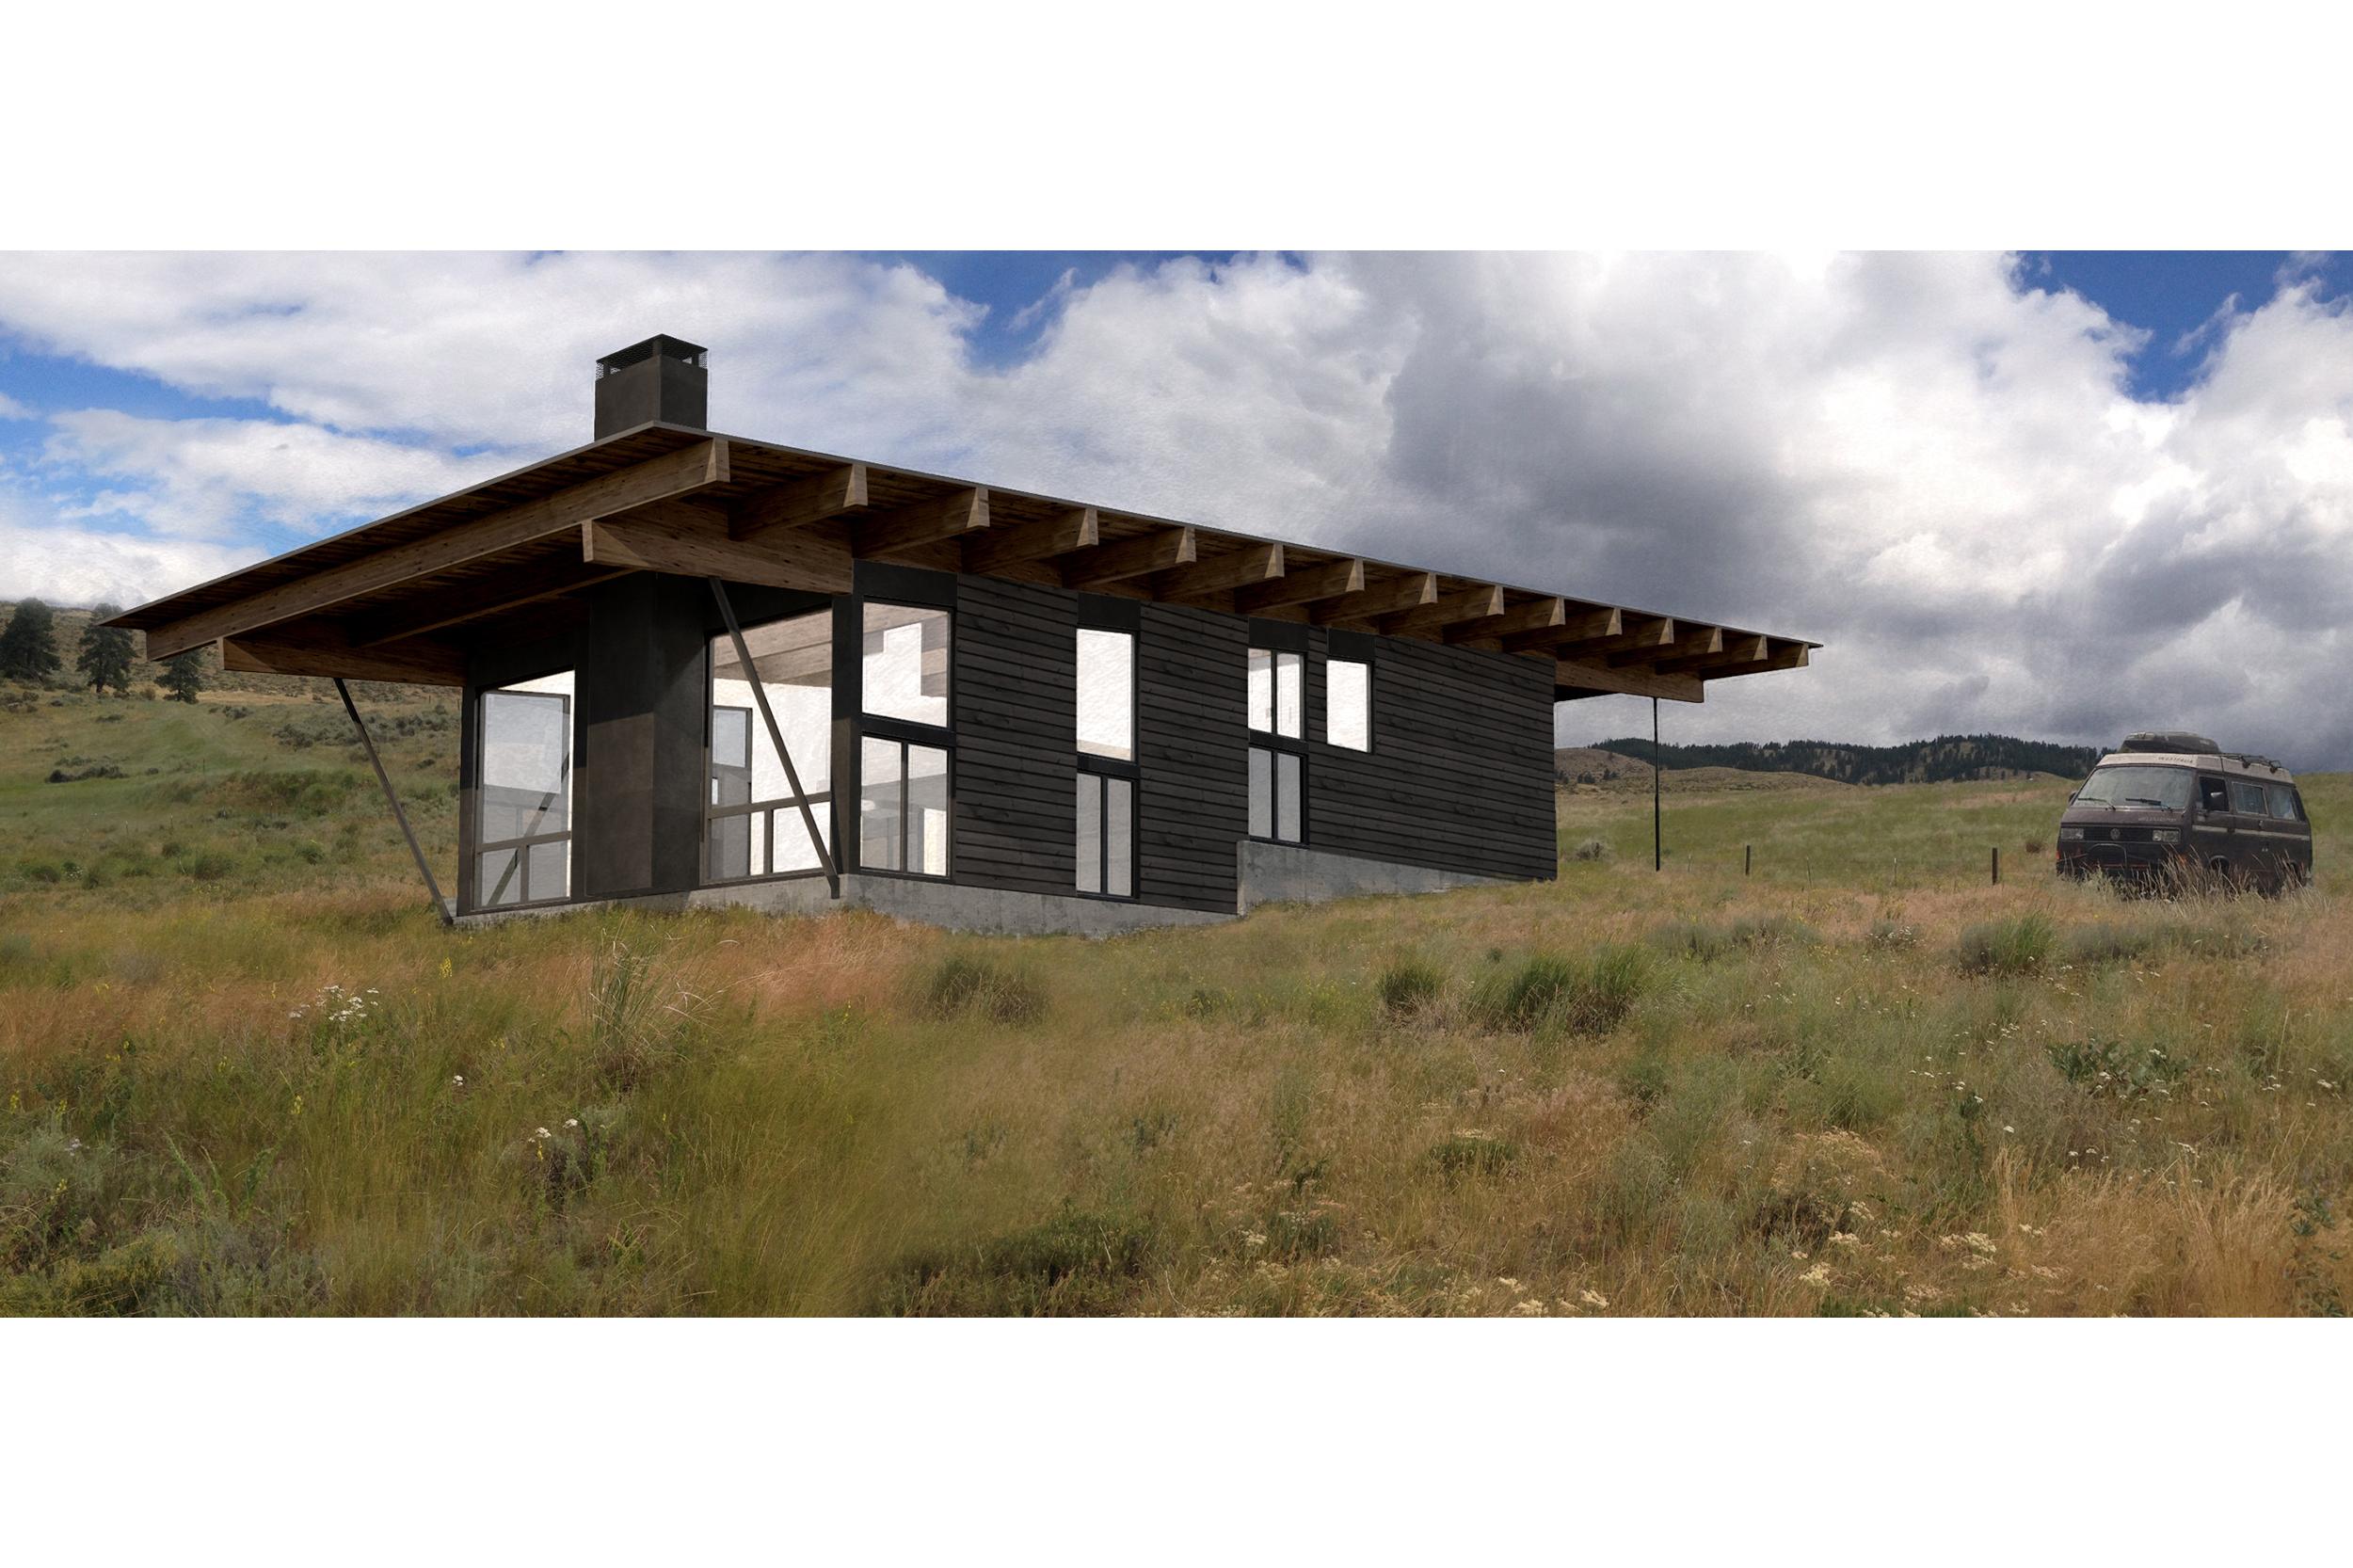 goCstudio_Twisp Cabin_exterior view.jpg